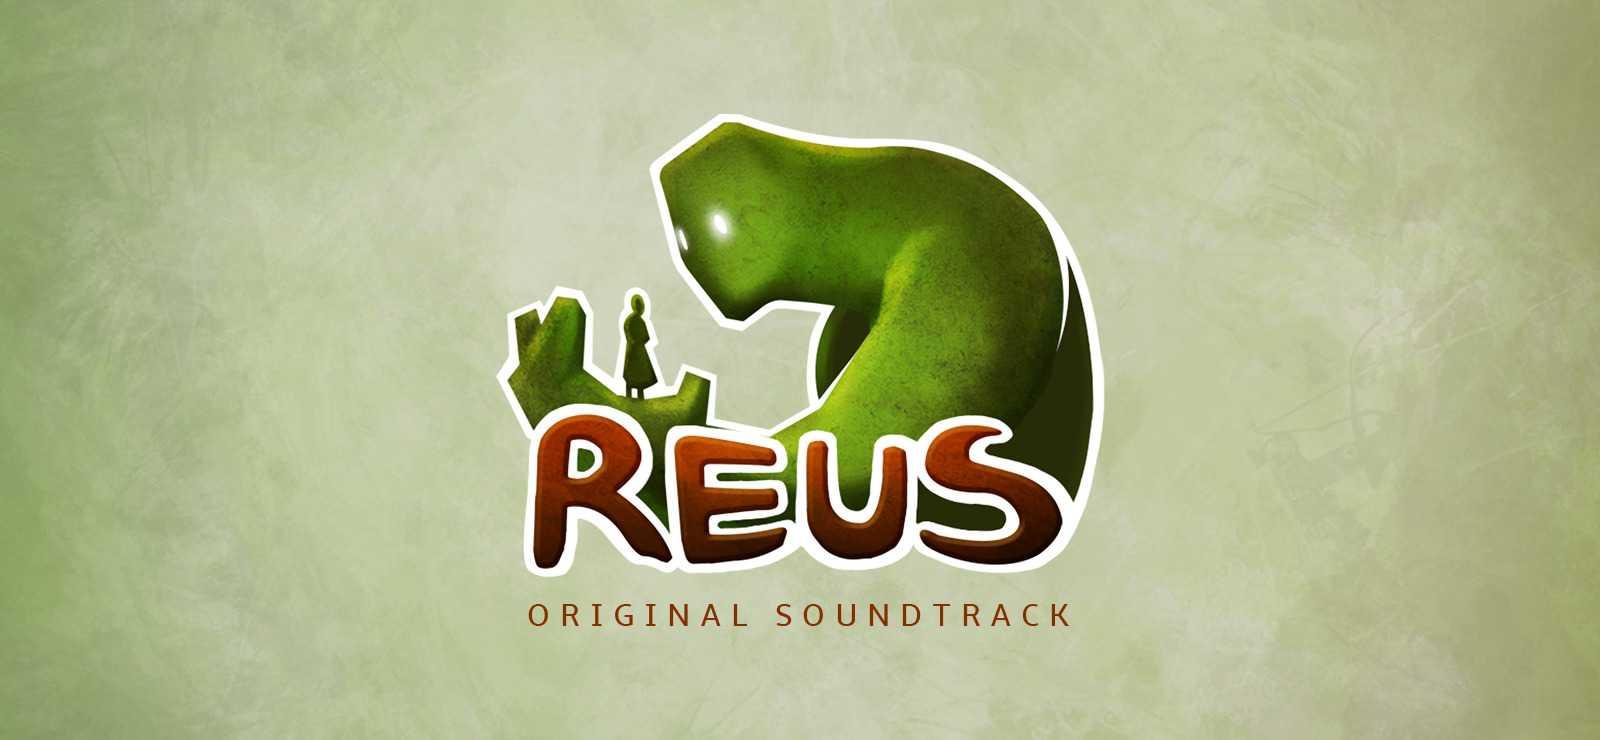 Reus - Original Soundtrack